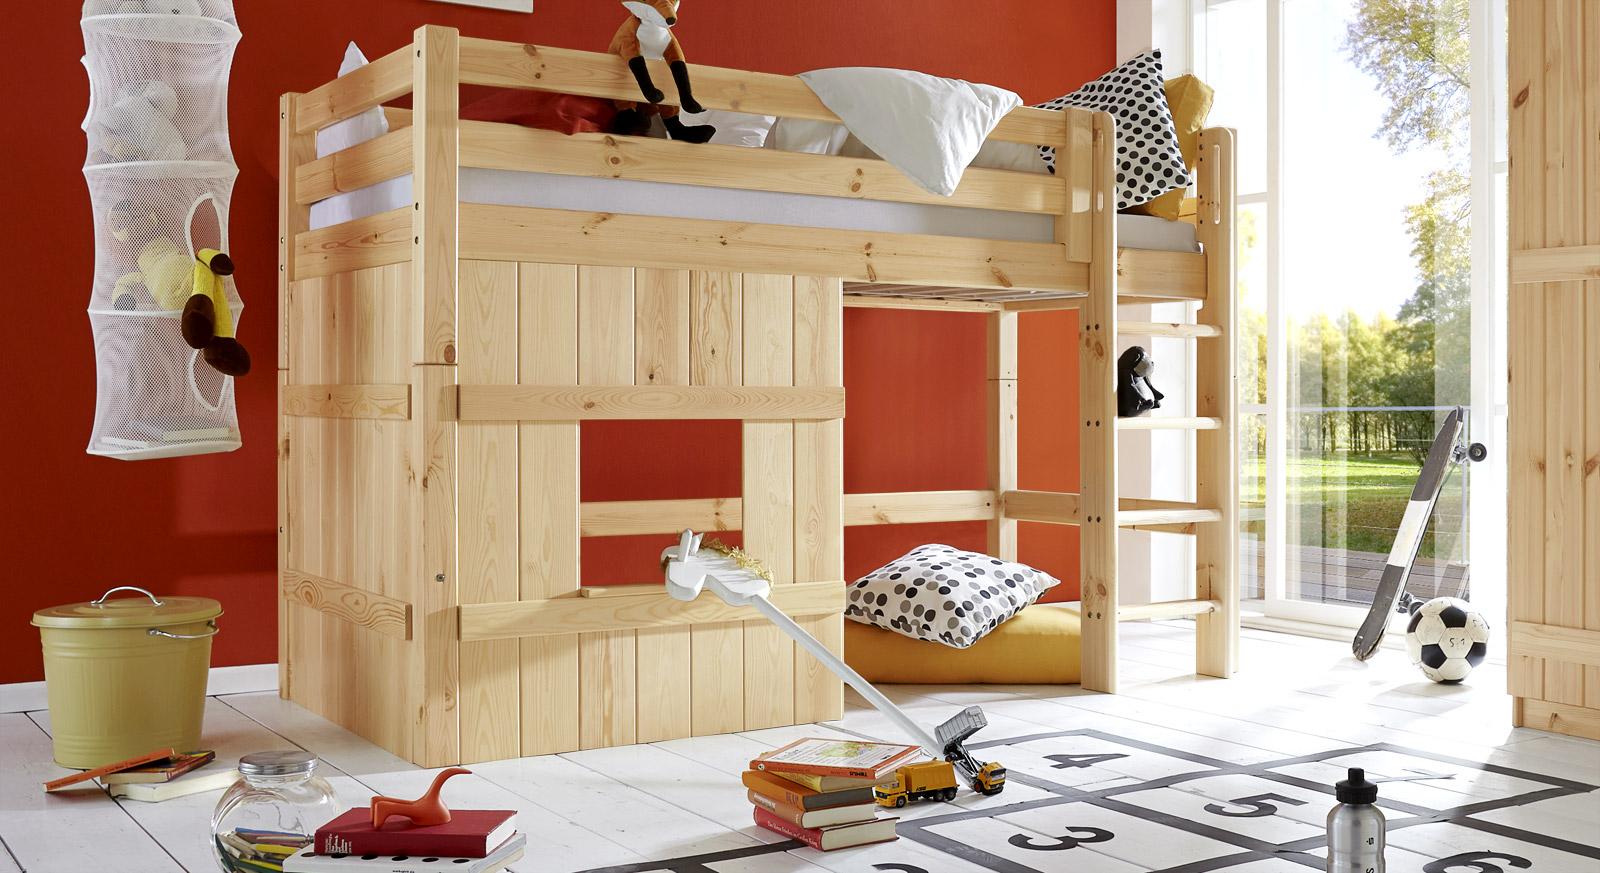 Naturfarbenes Hütten-Hochbett Kids Paradise Basic in 140cm Höhe mit gerader Leiter